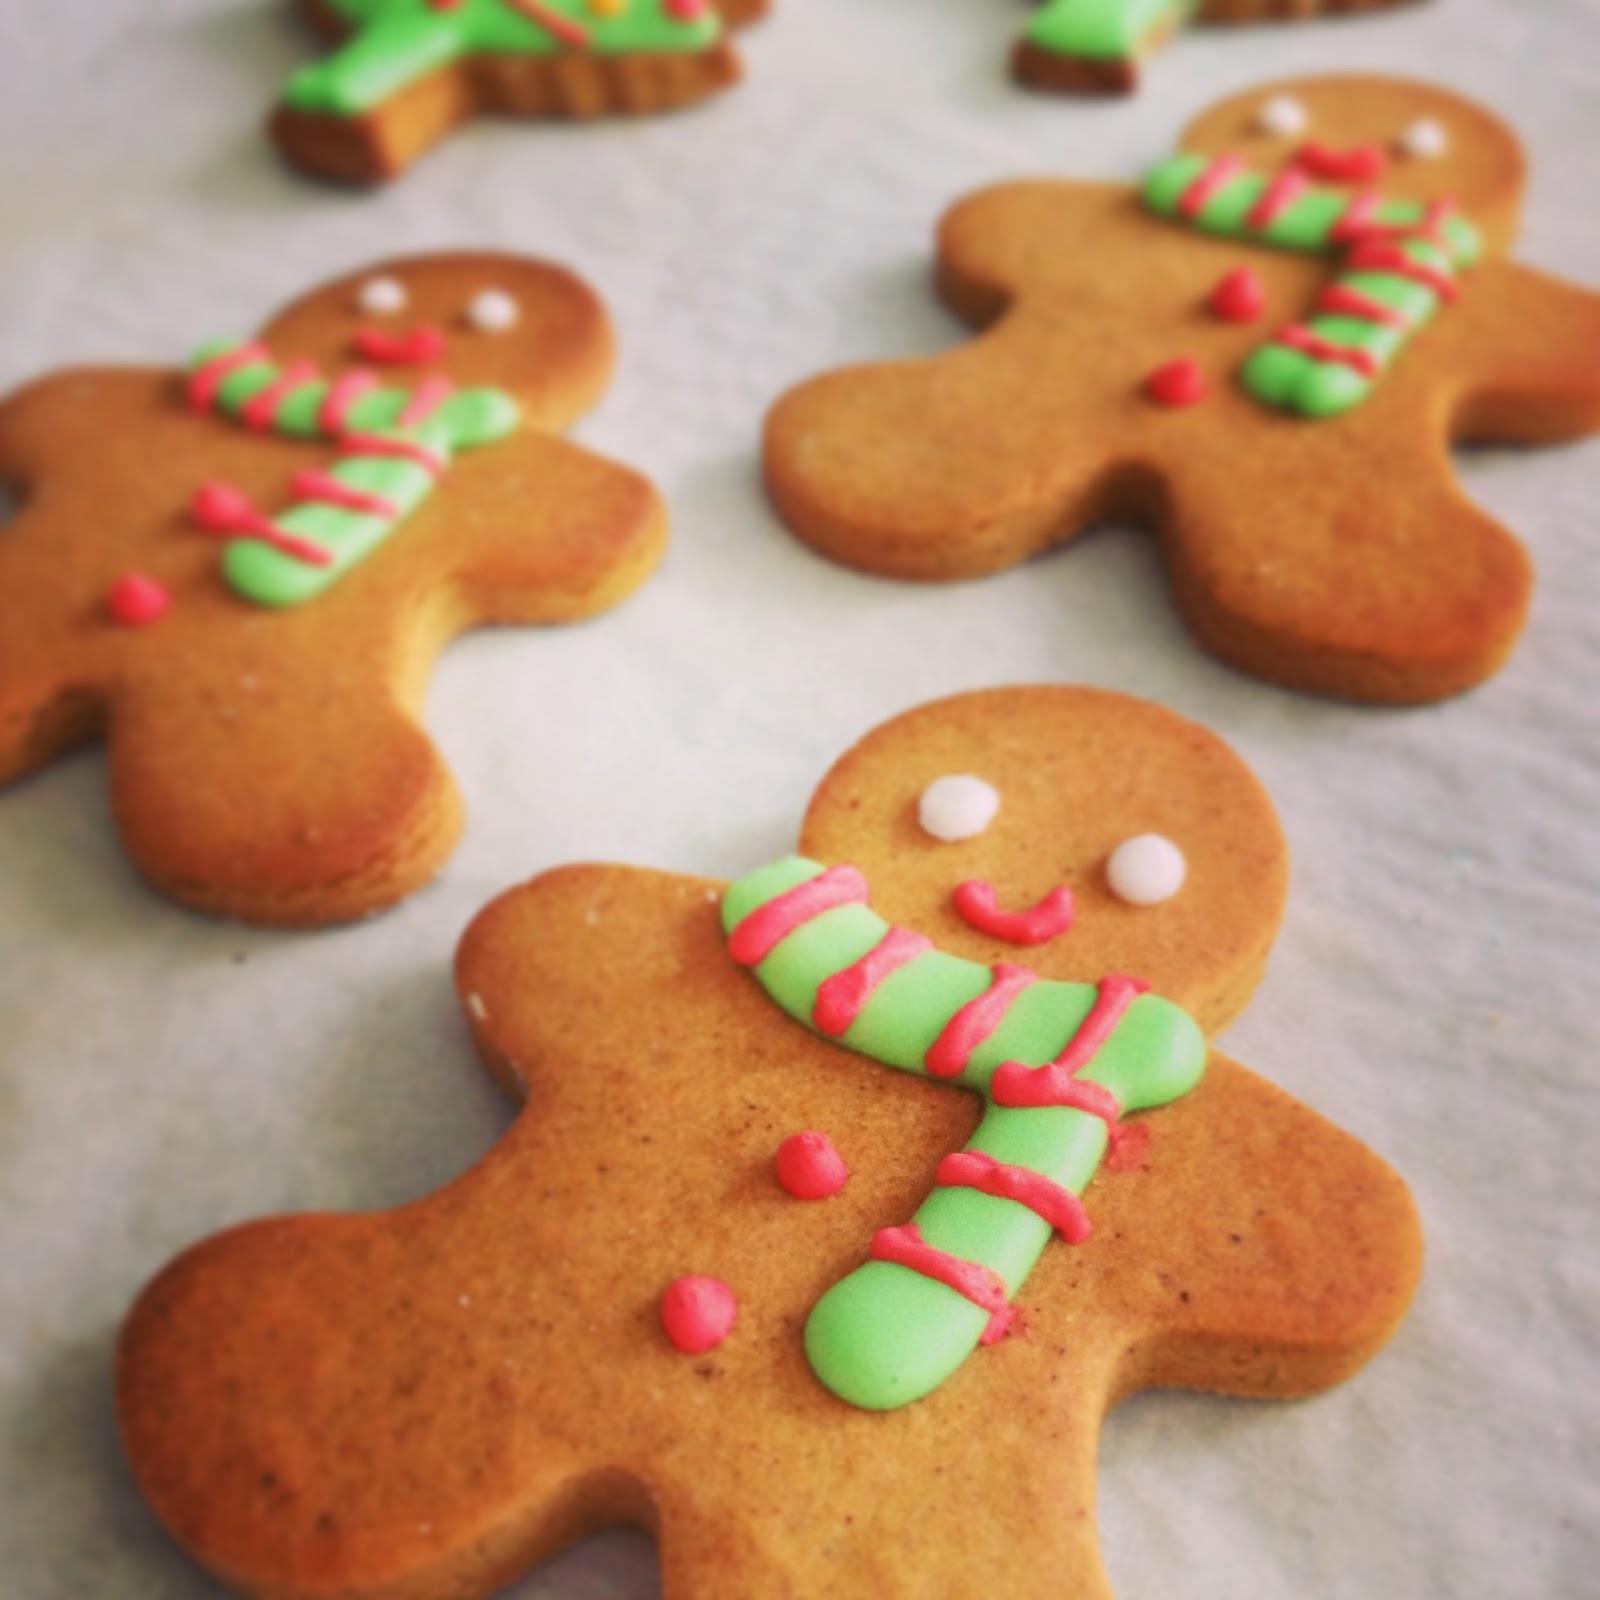 Homemade Gingerbread men cookies